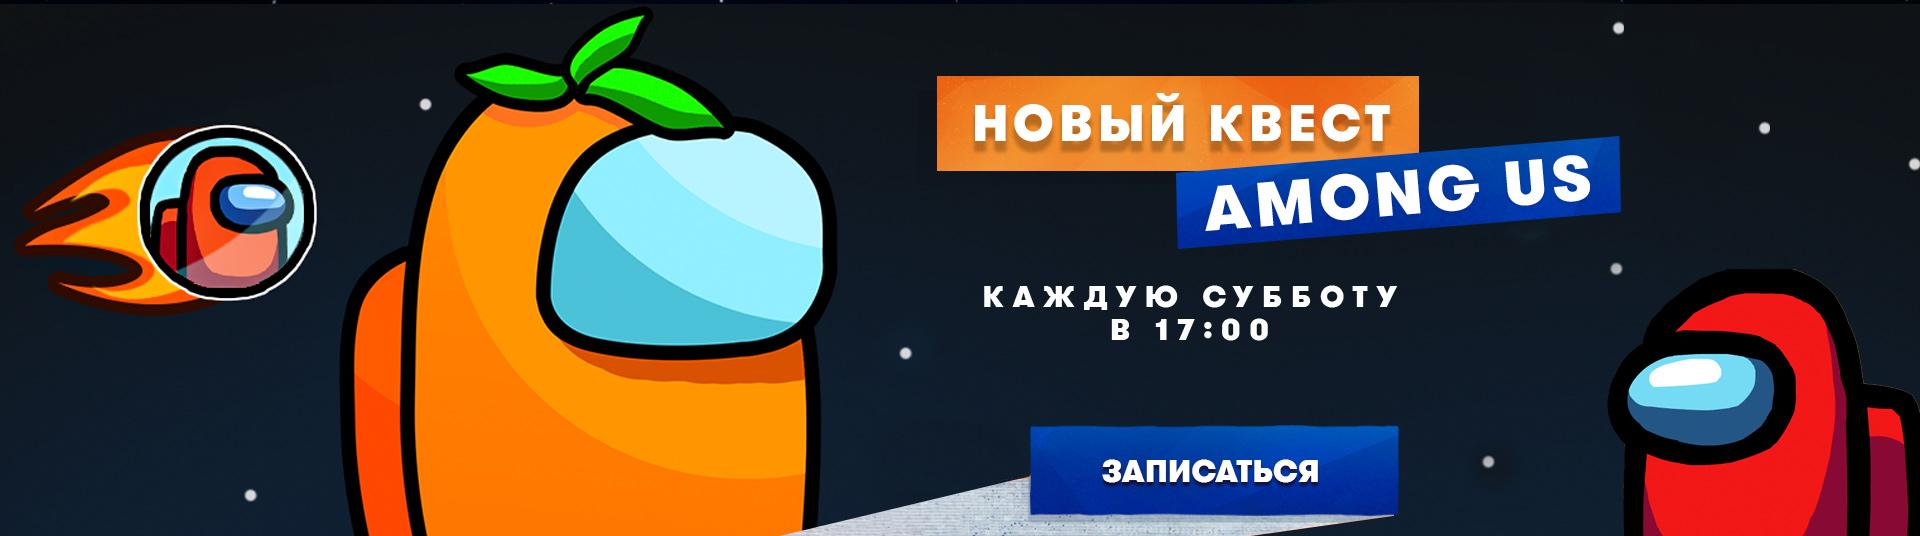 Нёрф в Москве - Большая арена и аттракционы   База Героев